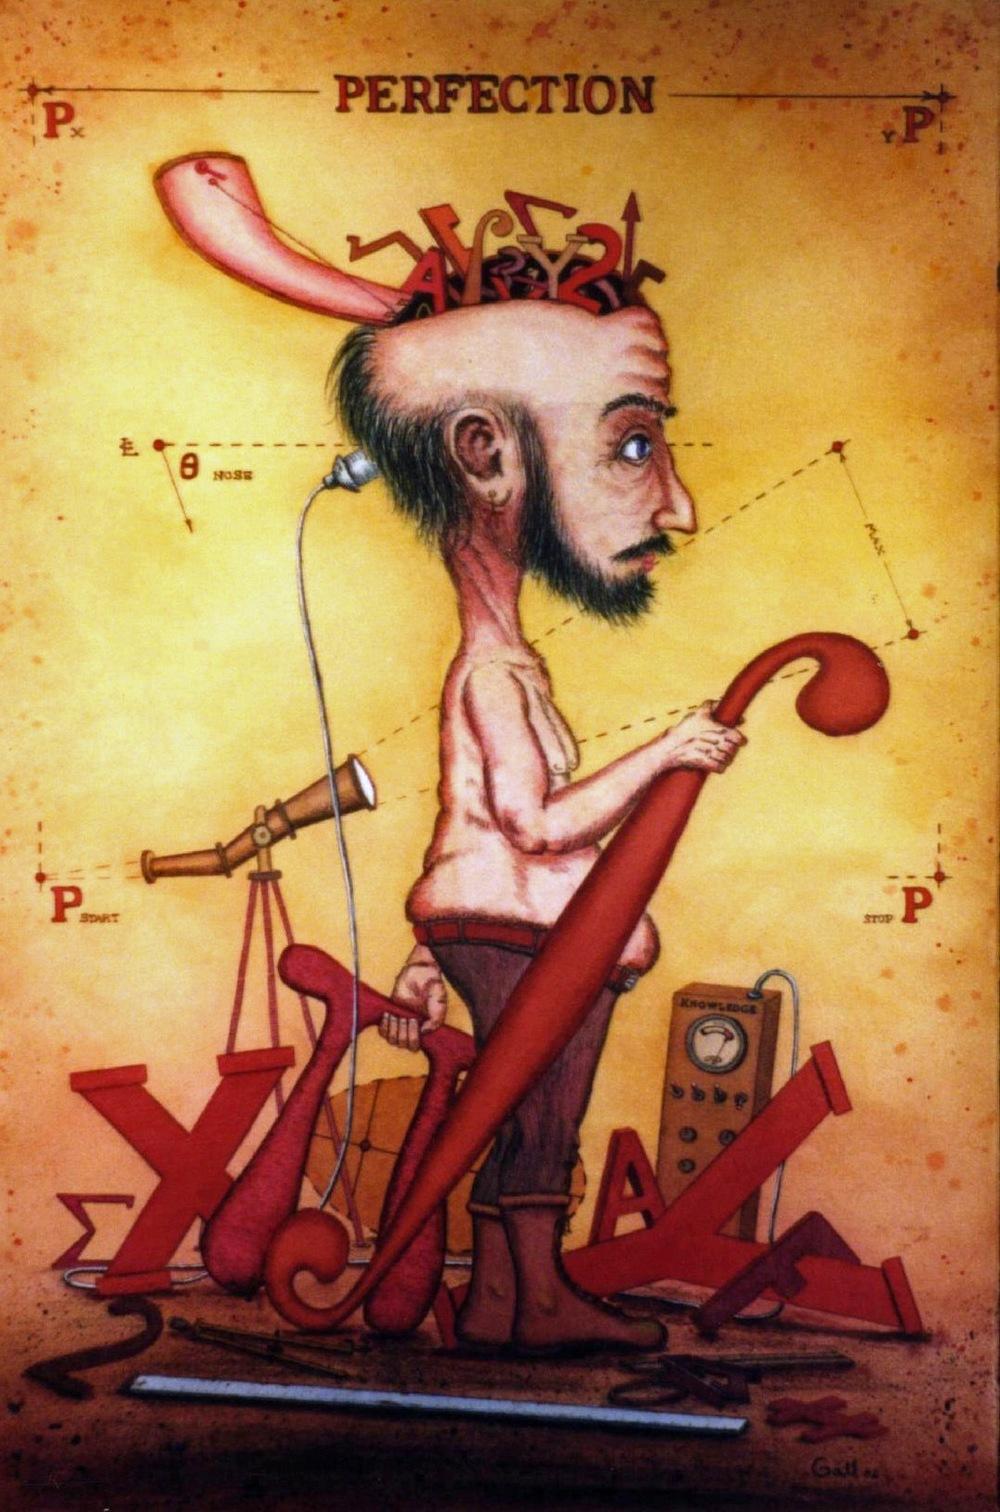 John D. Gall  Creating an Egghead, Mixed Media, 22x15